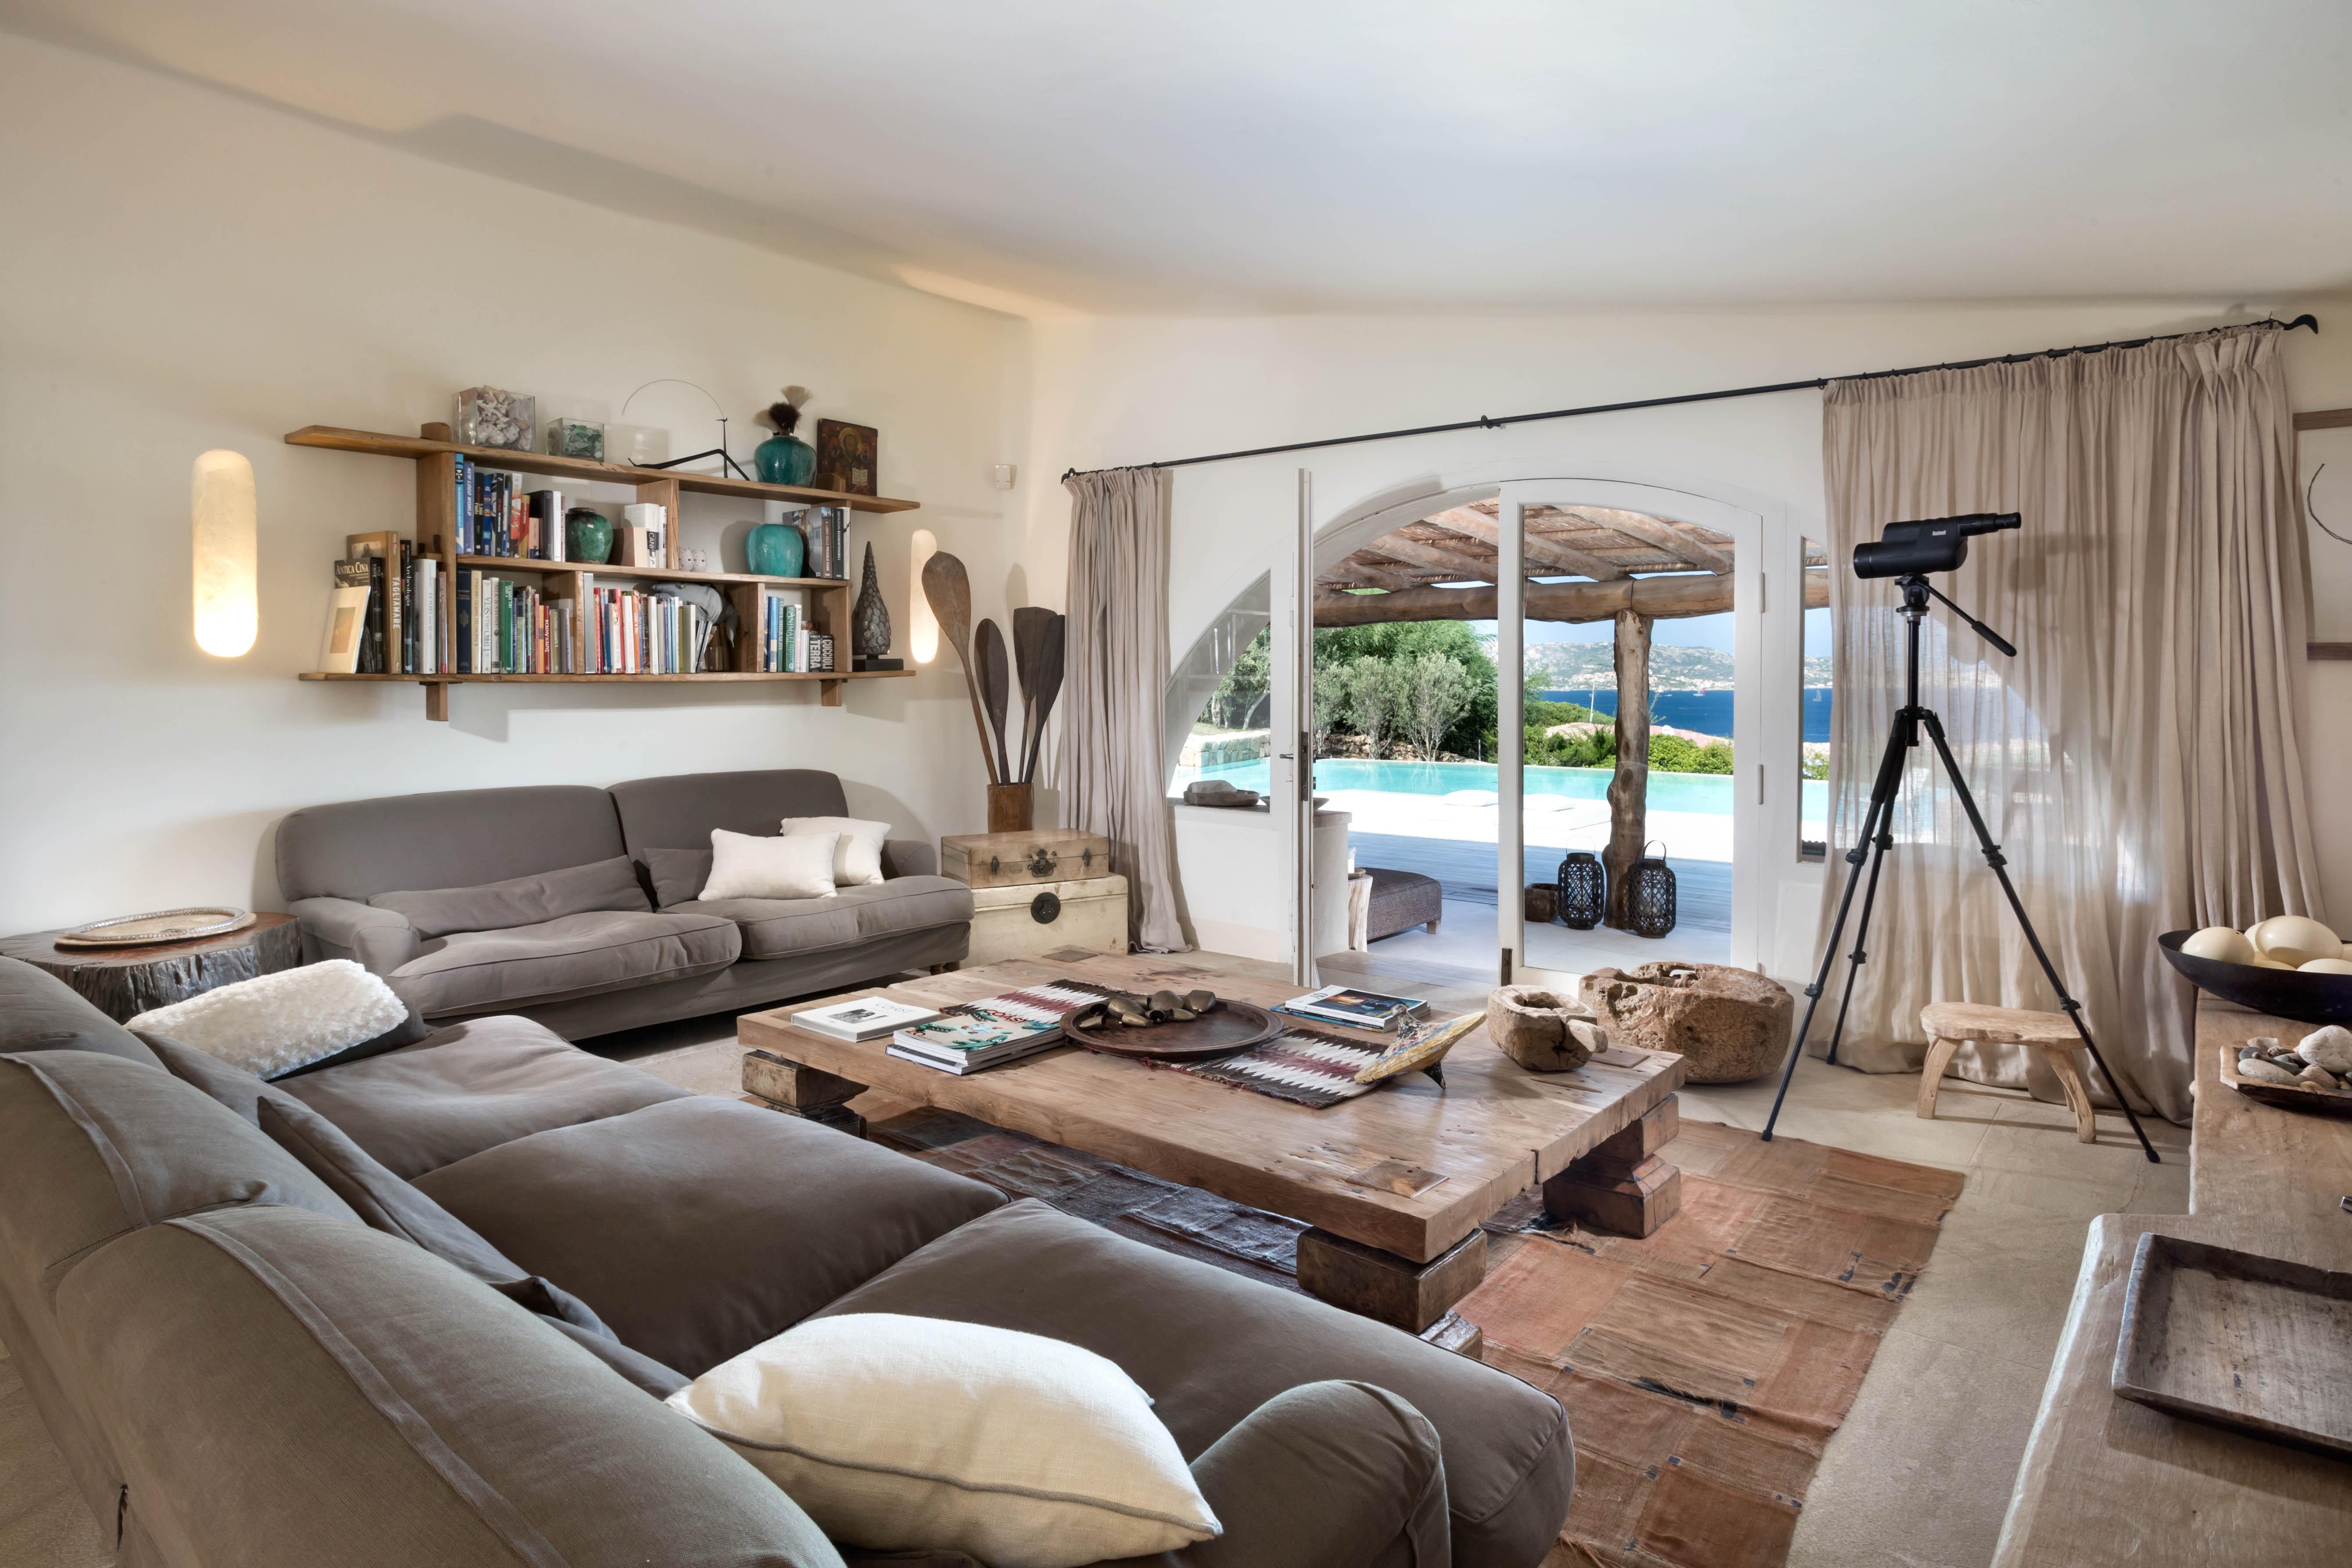 Gratis Afbeeldingen : villa, huis-, zomer, huisje, zolder ...